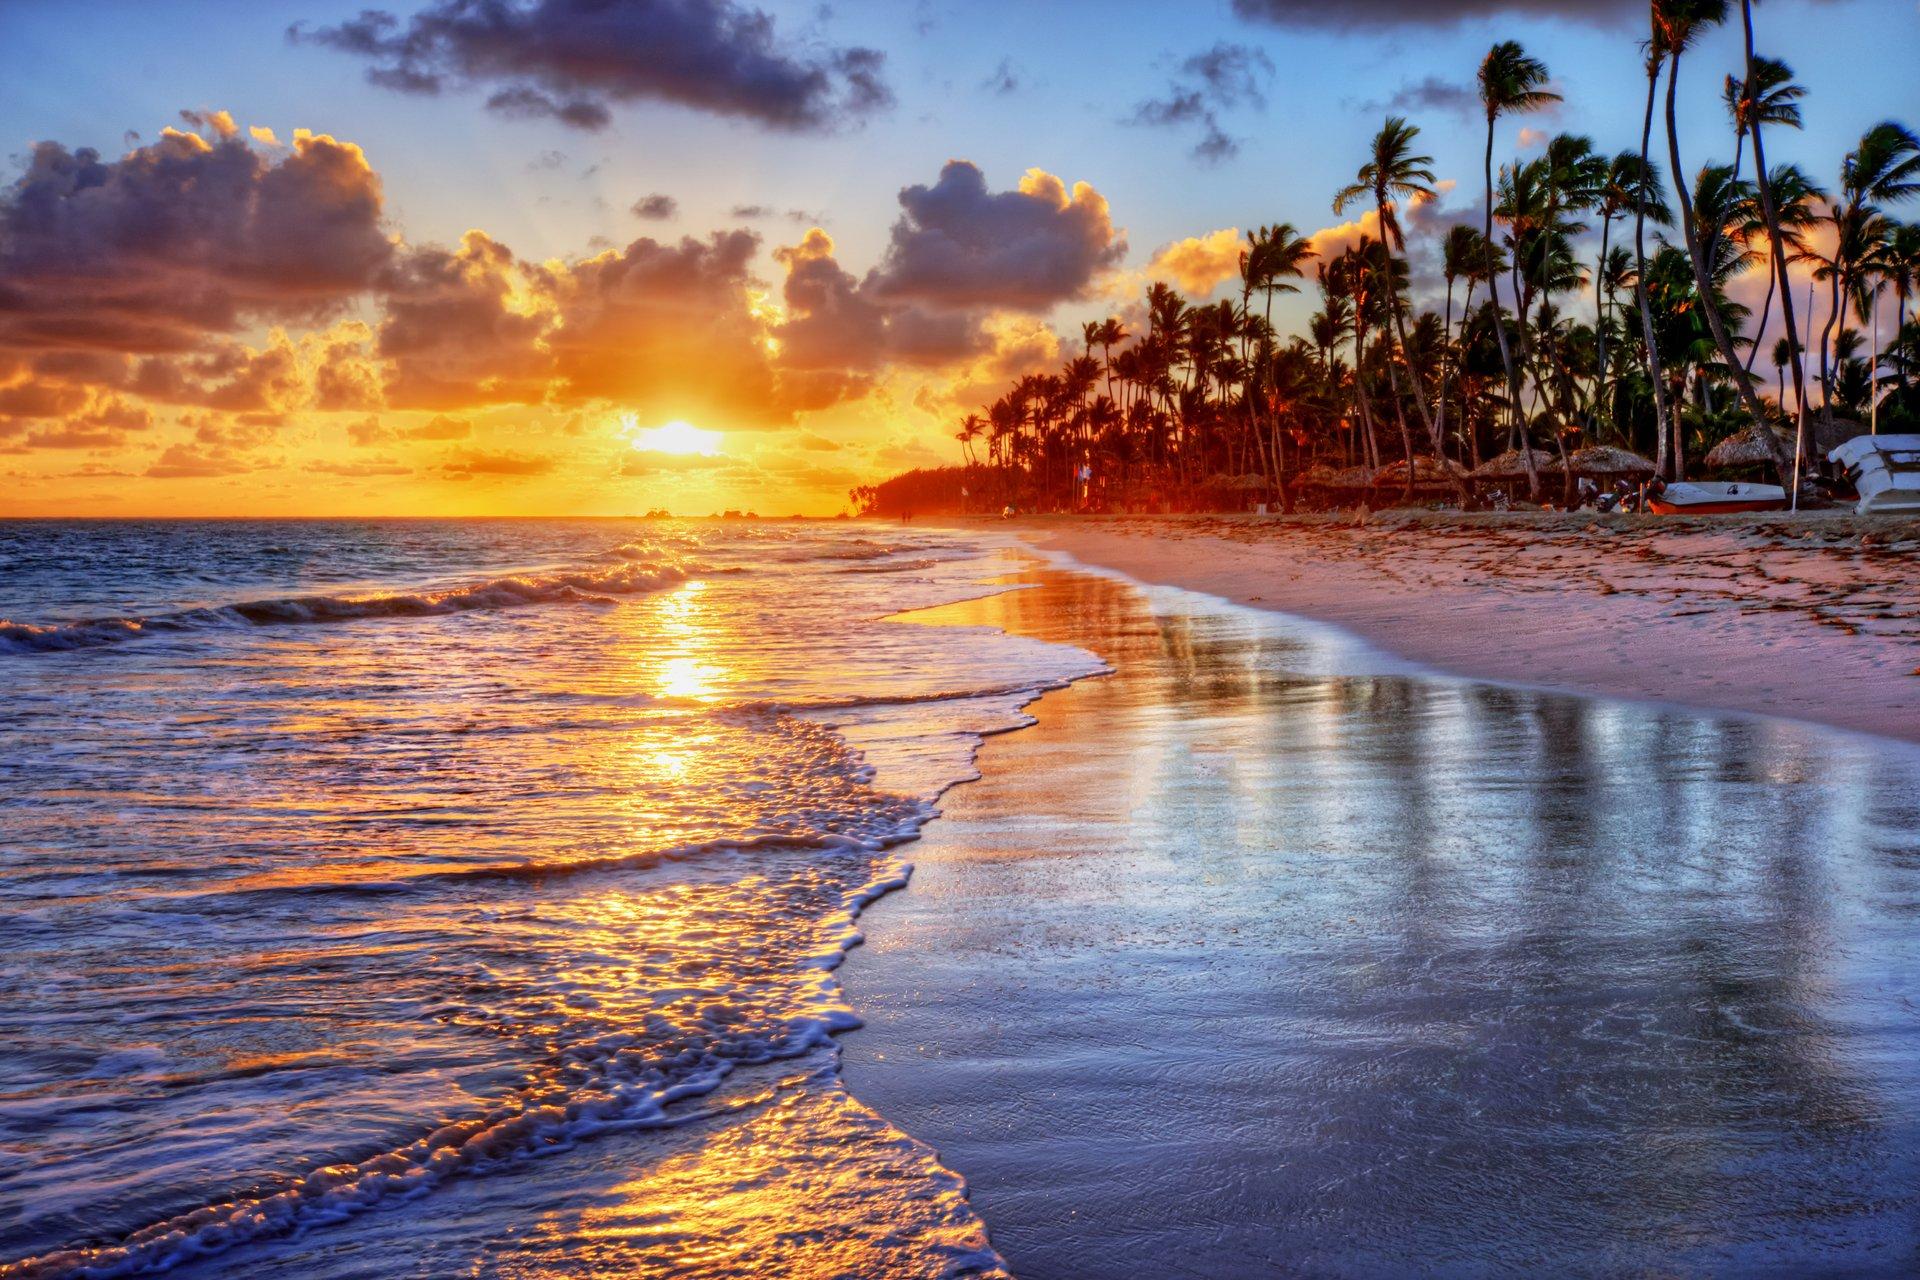 Картинки море пляж солнце